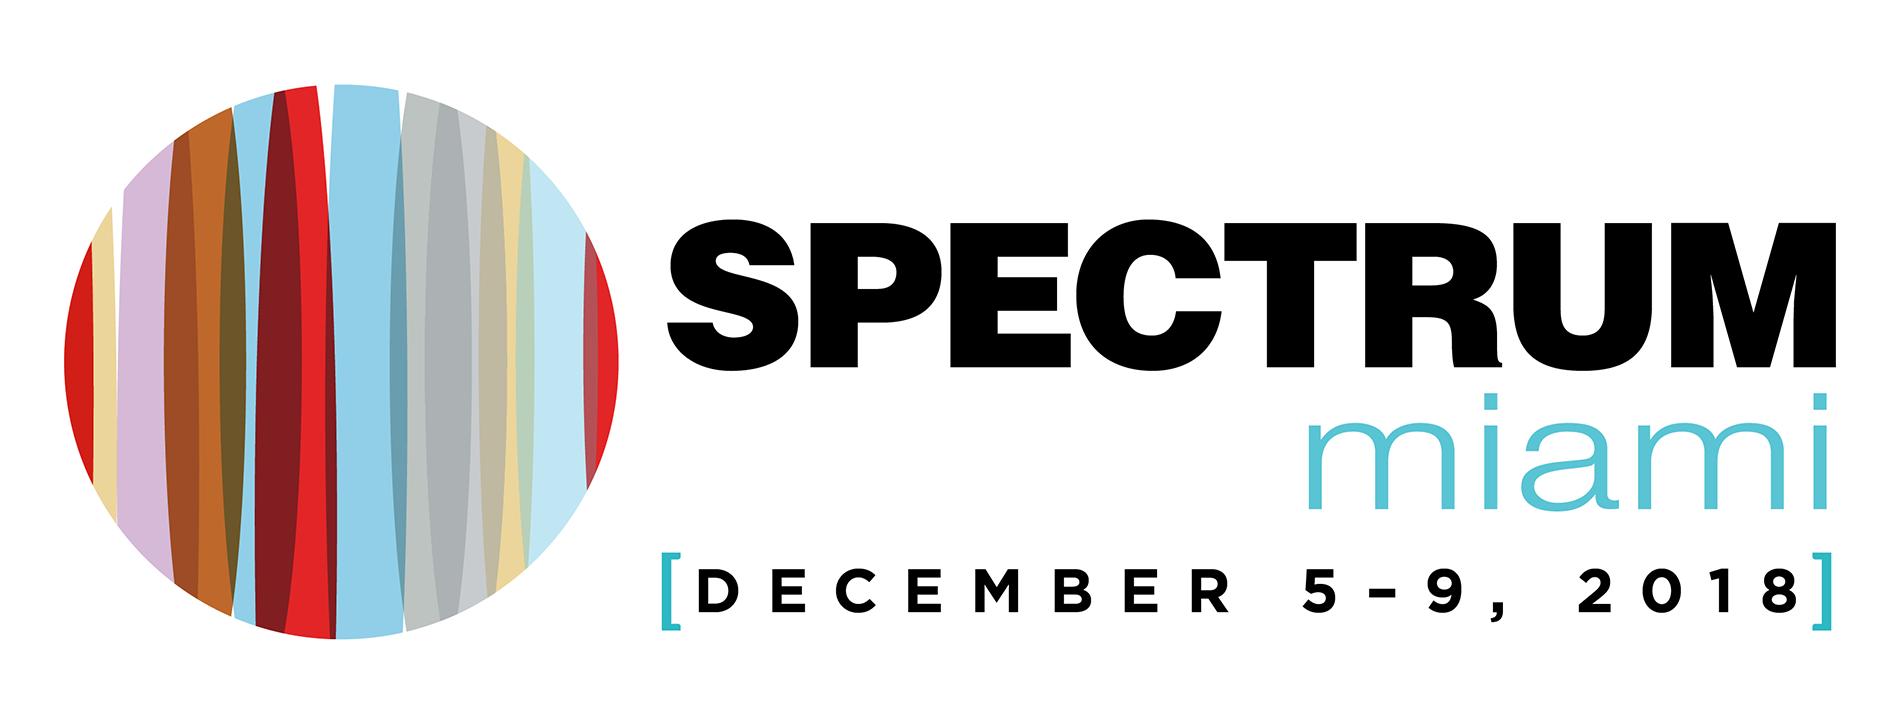 spectrum-miami-2018.png